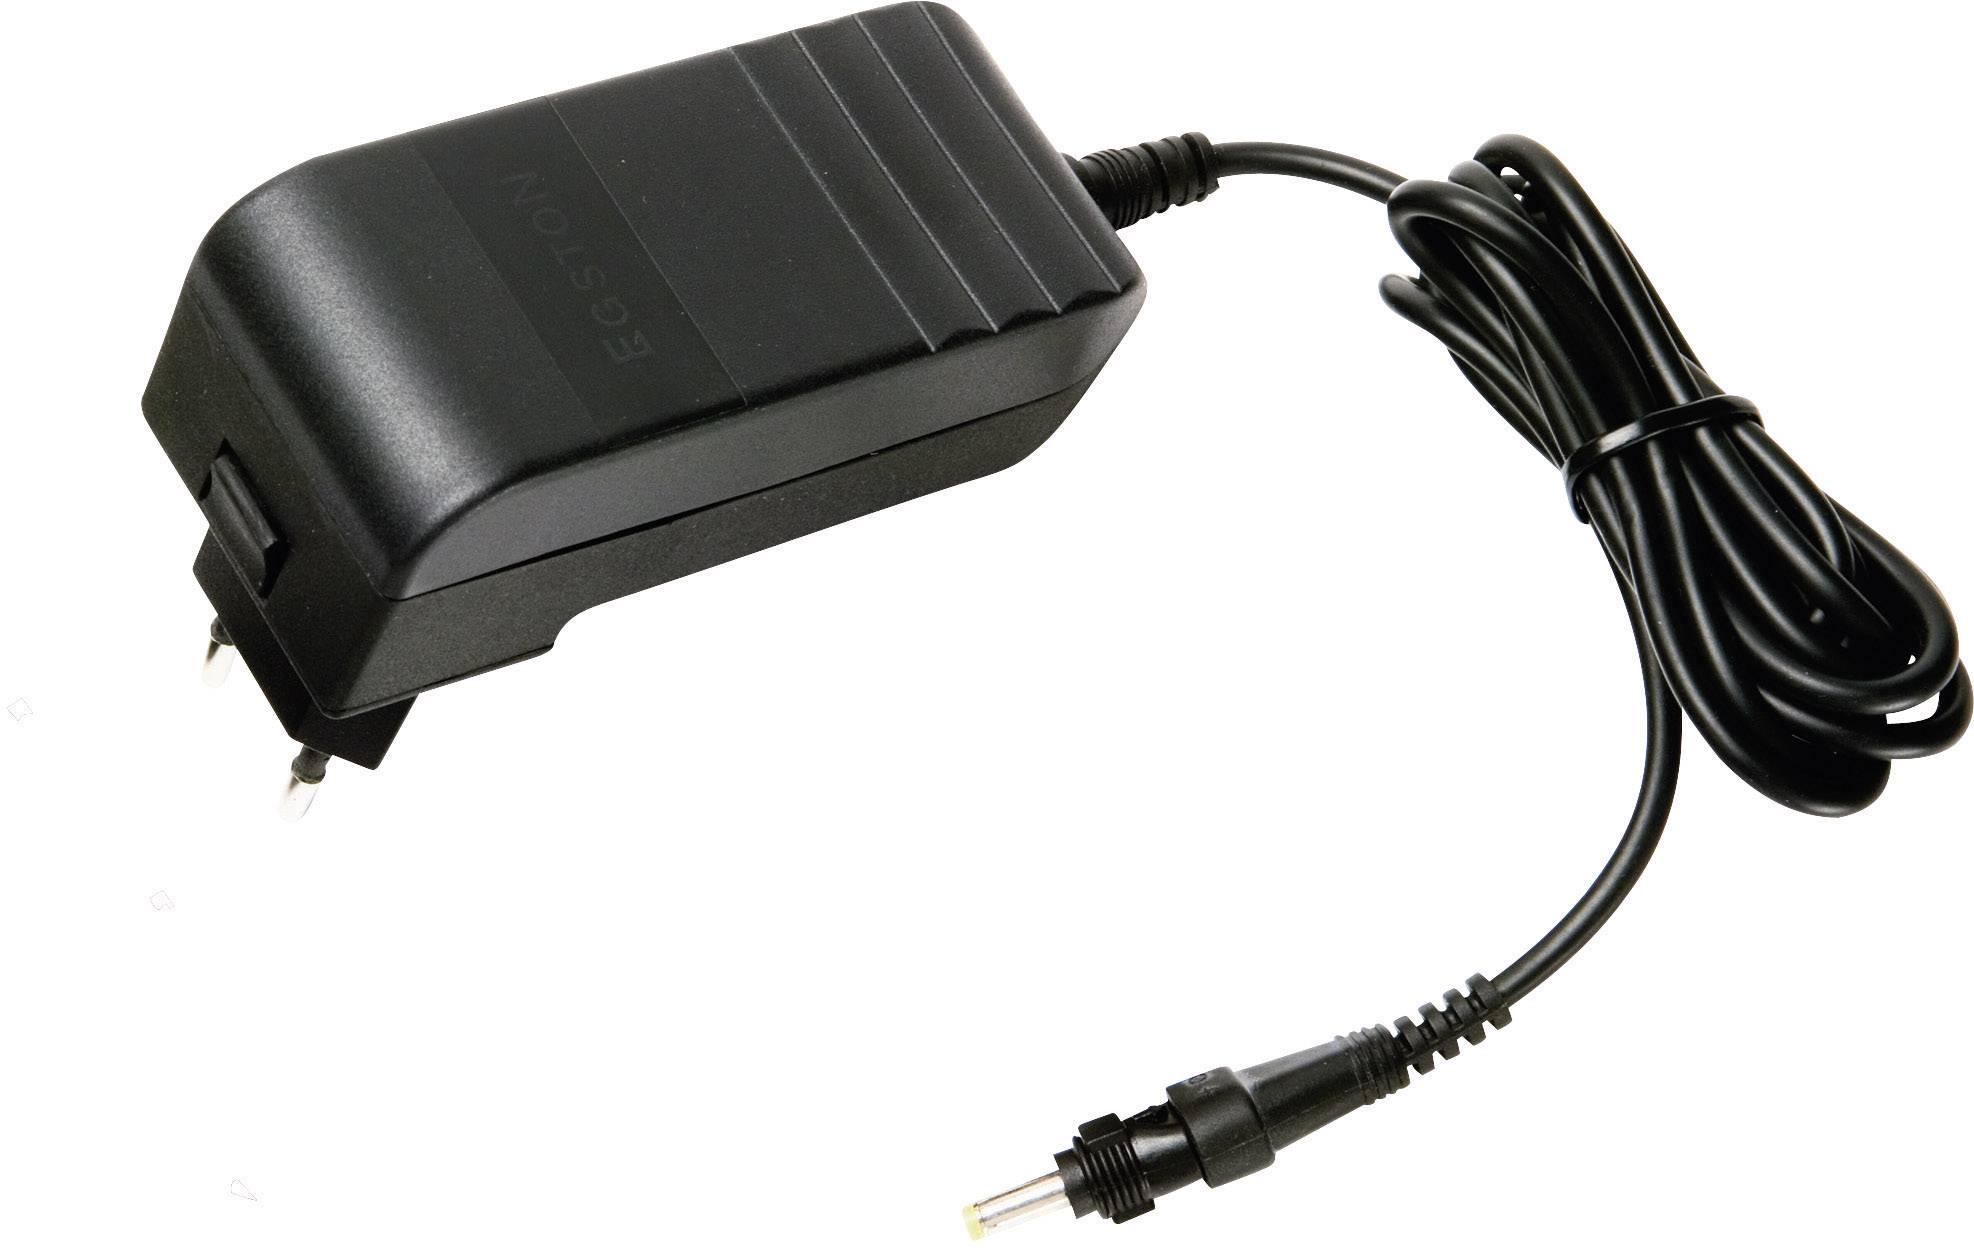 Zásuvkový adaptér so stálym napätím Egston 003920144, 30 W, 1250 mA